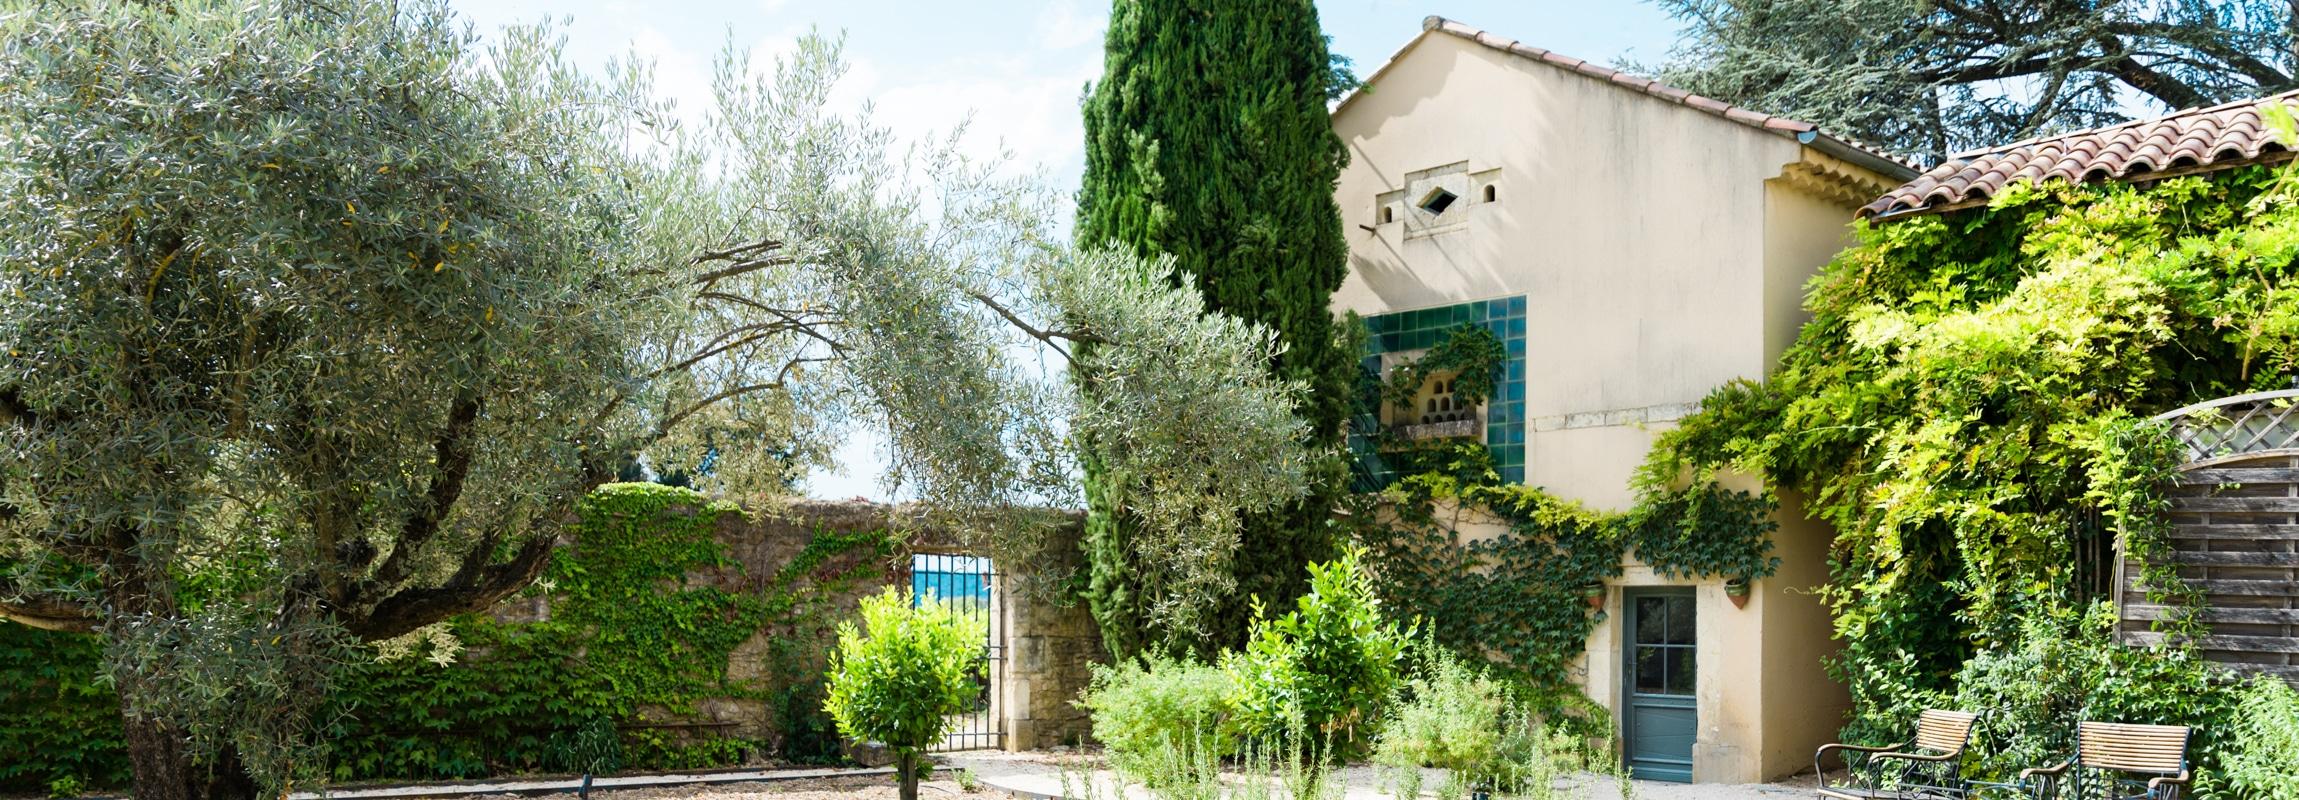 Le jardin aux aromates dans la cour du Mas abrite de nombreuses herbes et épices qui finissent dans la cuisine de l'Hôtel Château de Montcaud. Ici, nous rivalisons avec les meilleures cuisines de Provence, du sud de la France.